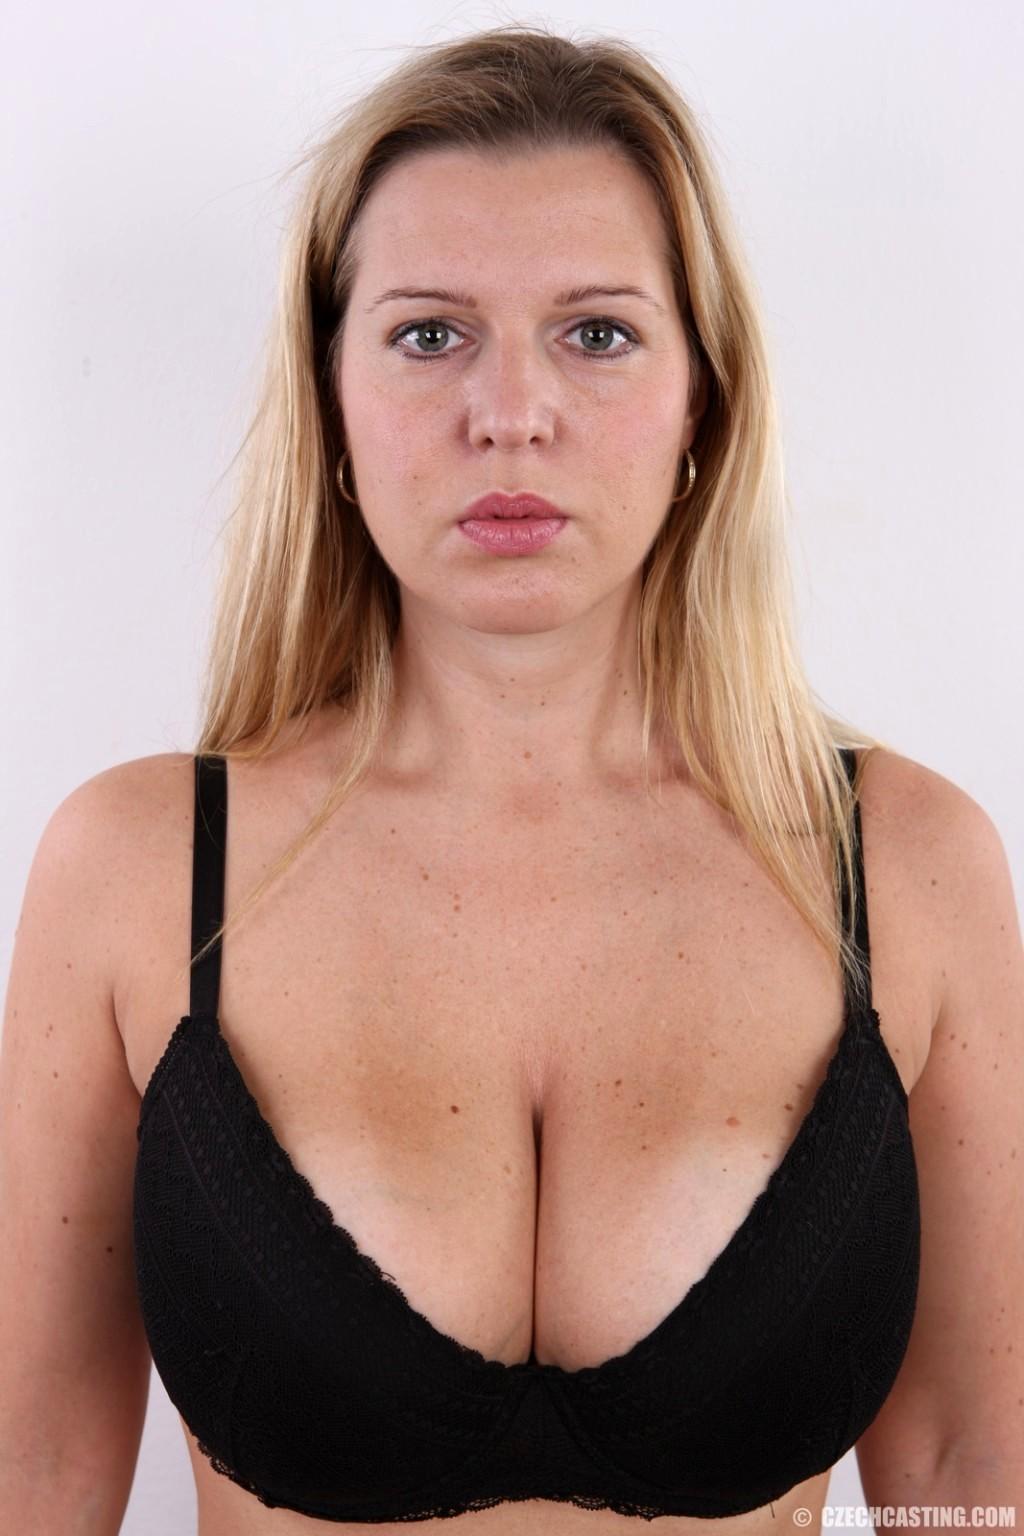 Babe Today Czech Casting Czechcasting Model Innovative -5090